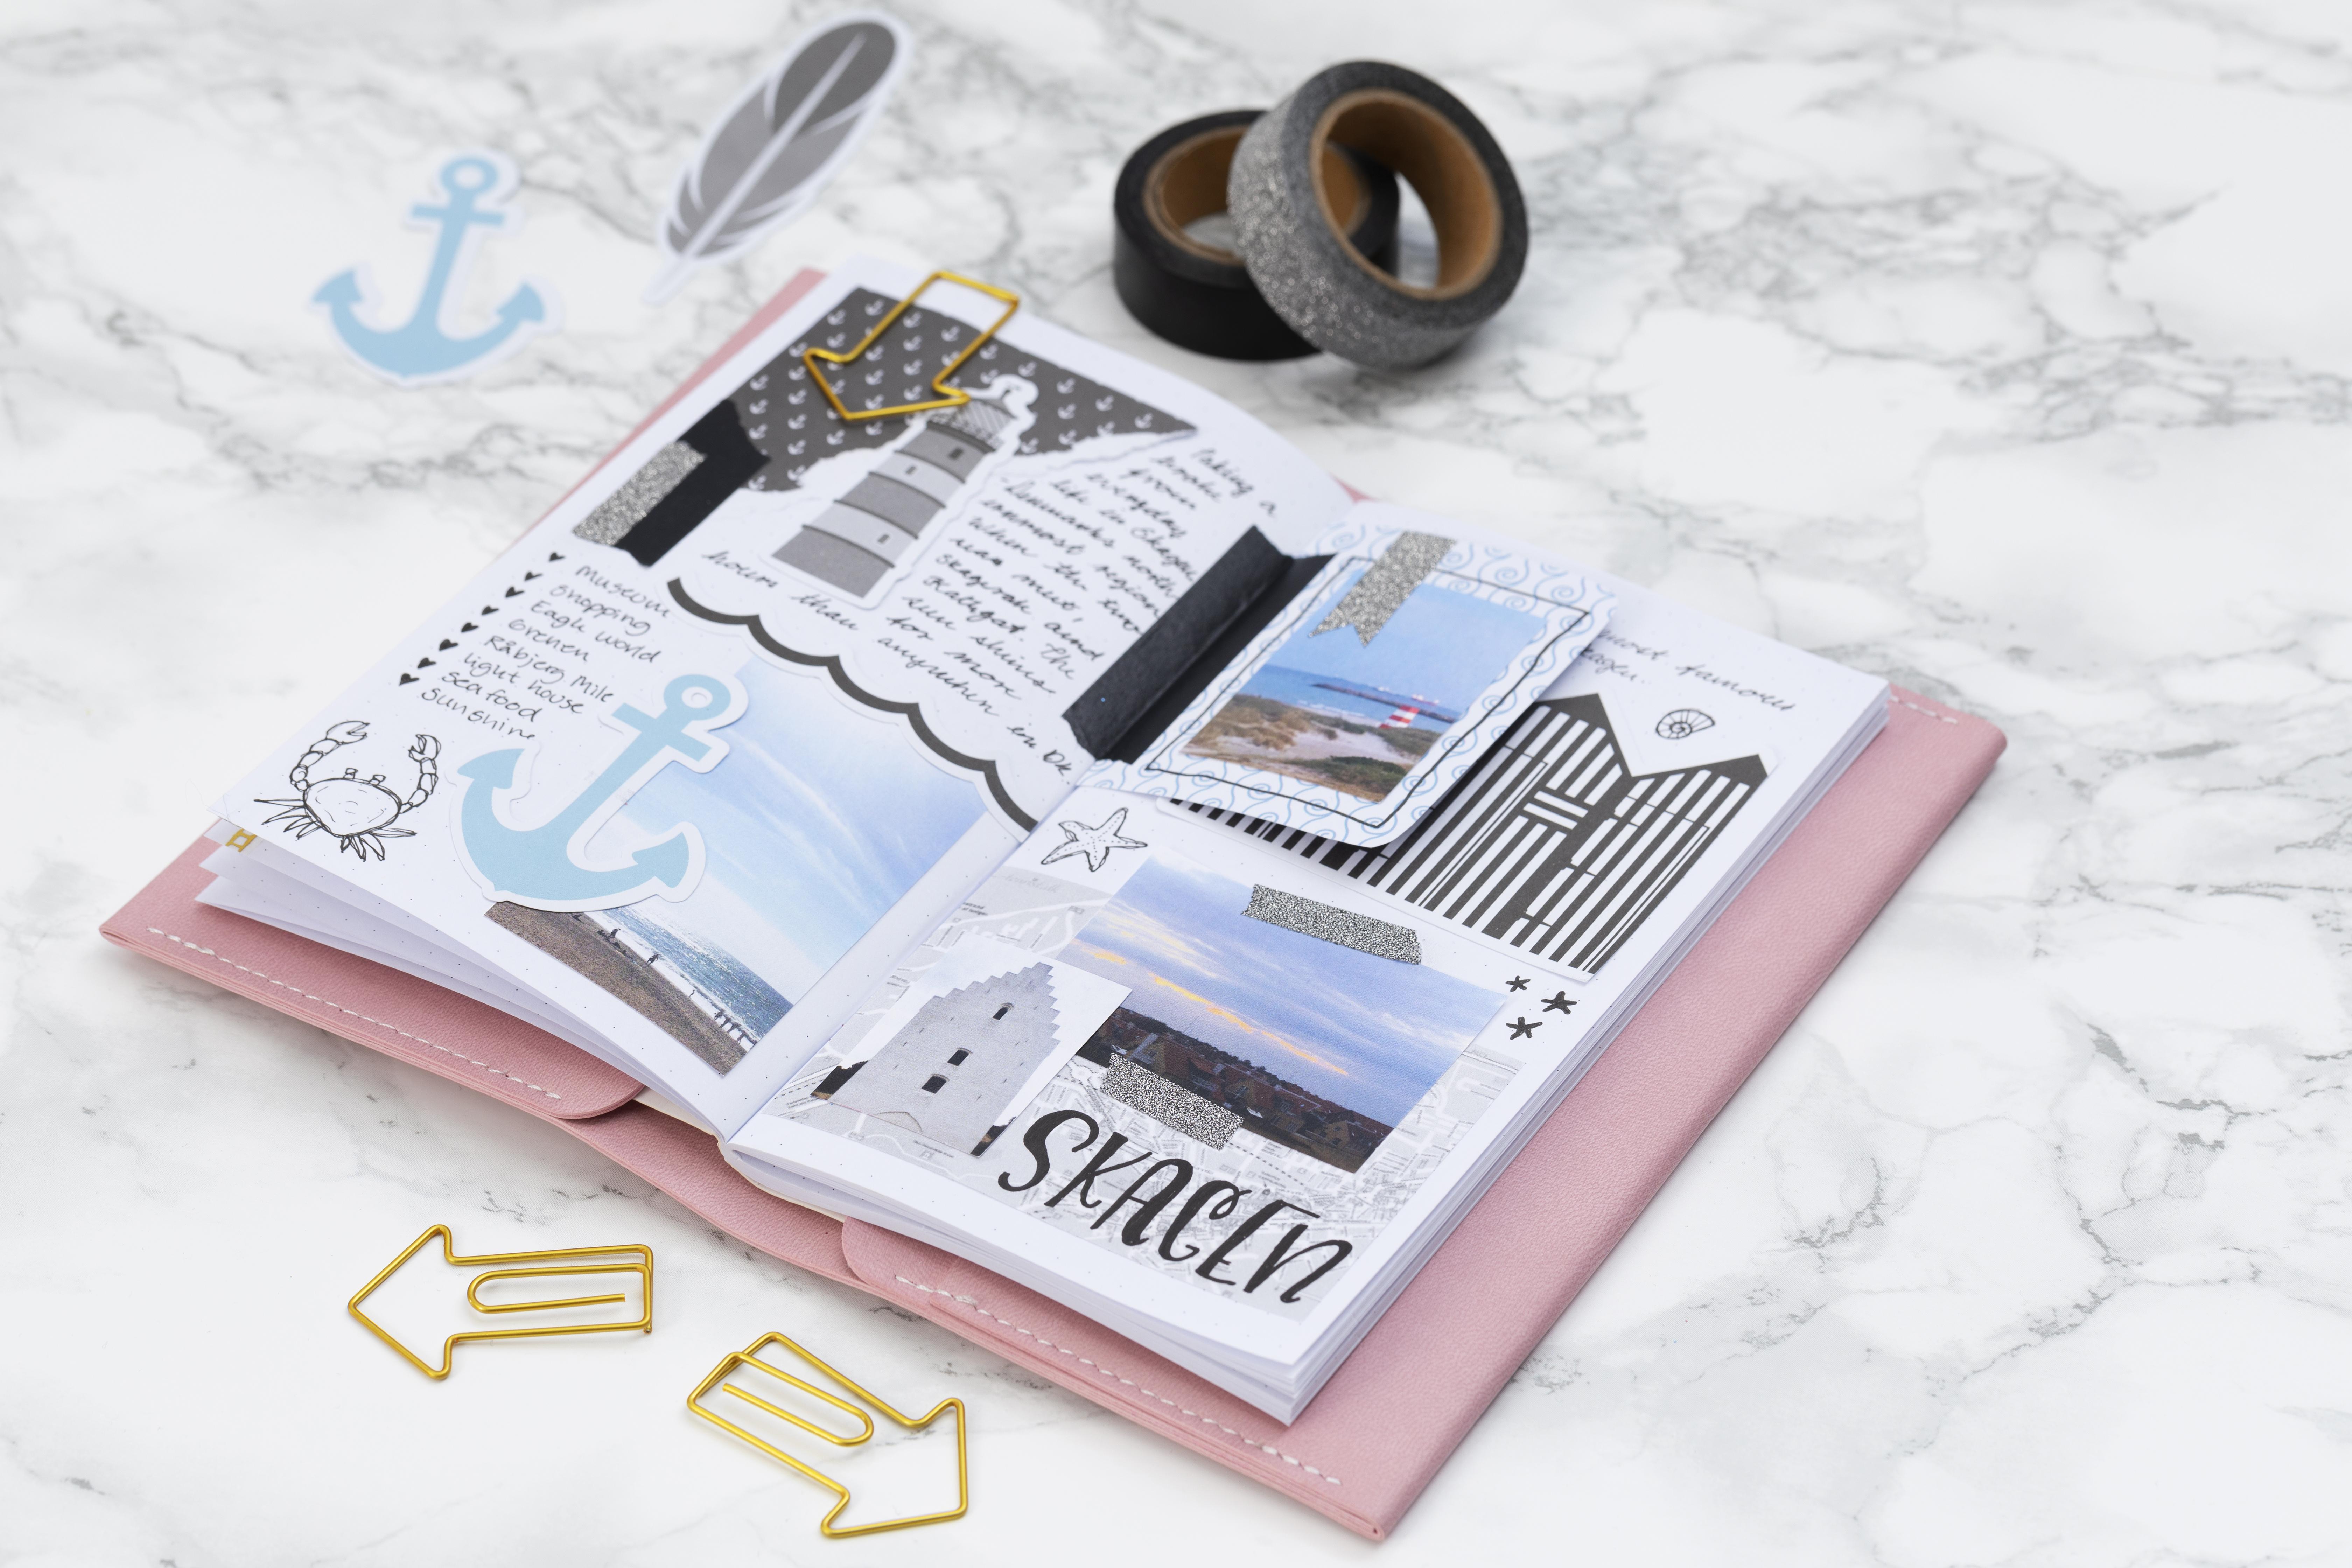 Maak zelf een journal of planner - vind ideeën en hobbyartikelen hier